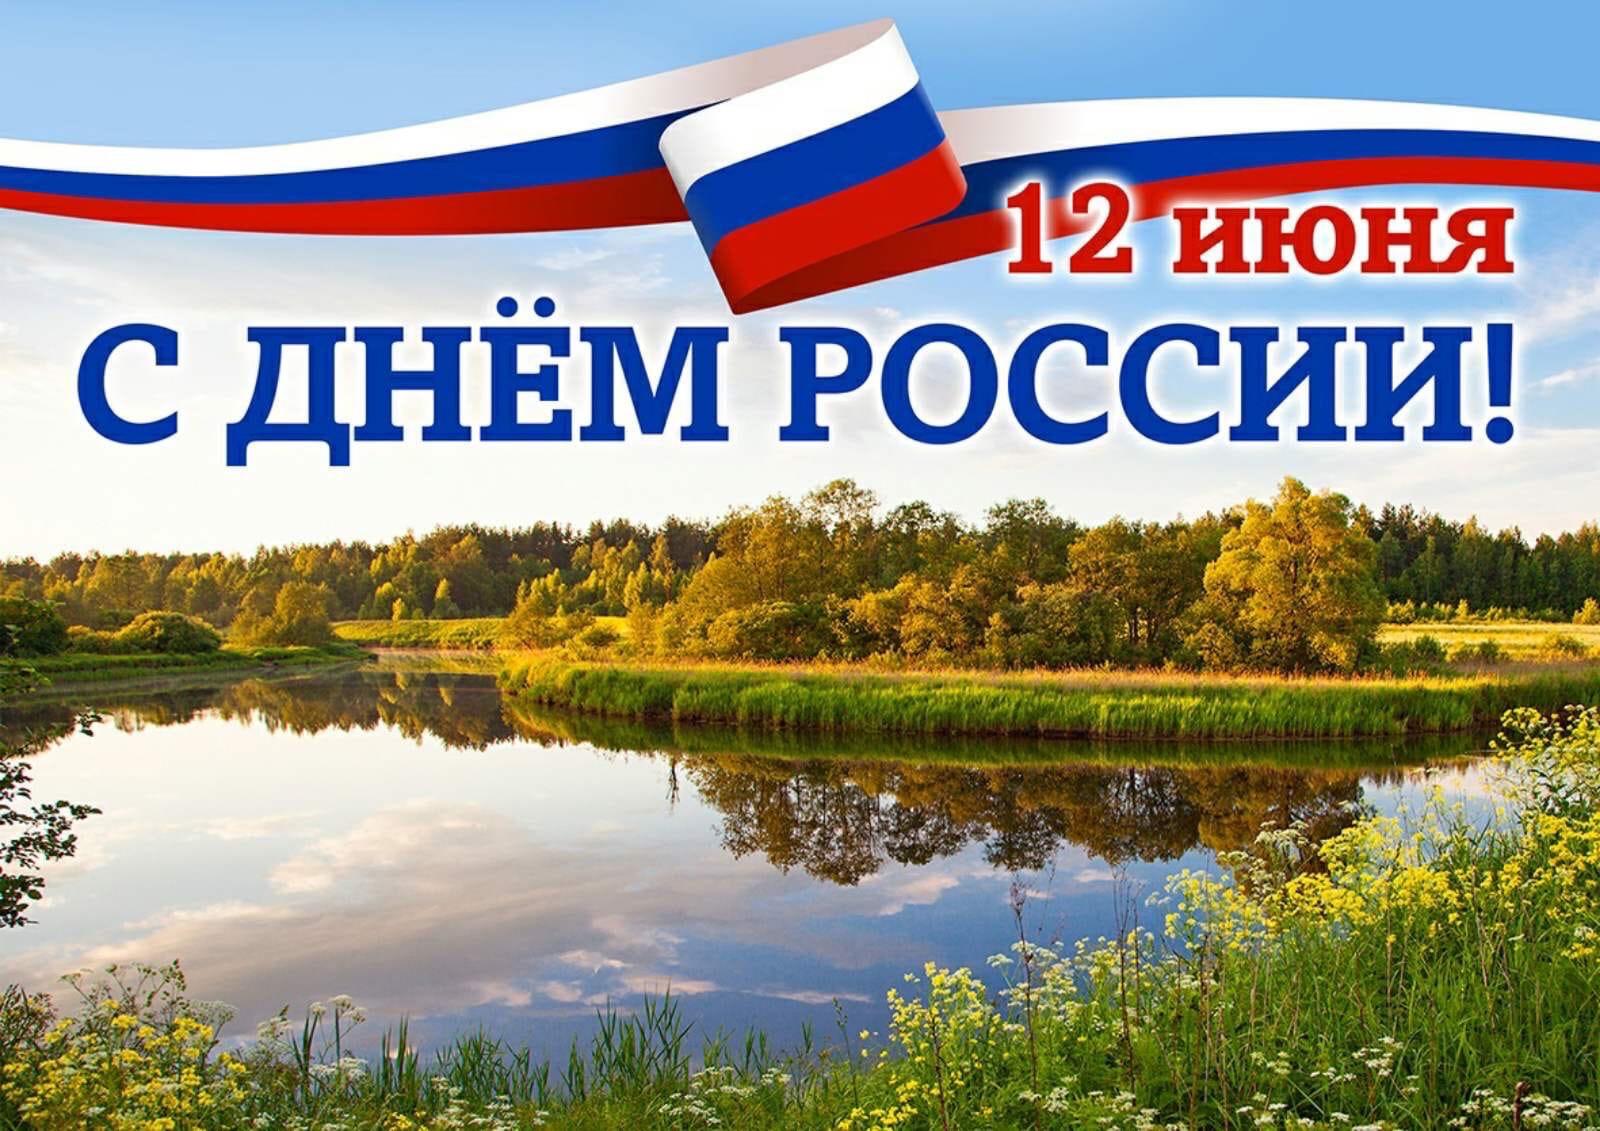 Уважаемые жители Можгинского района!  Примите искренние